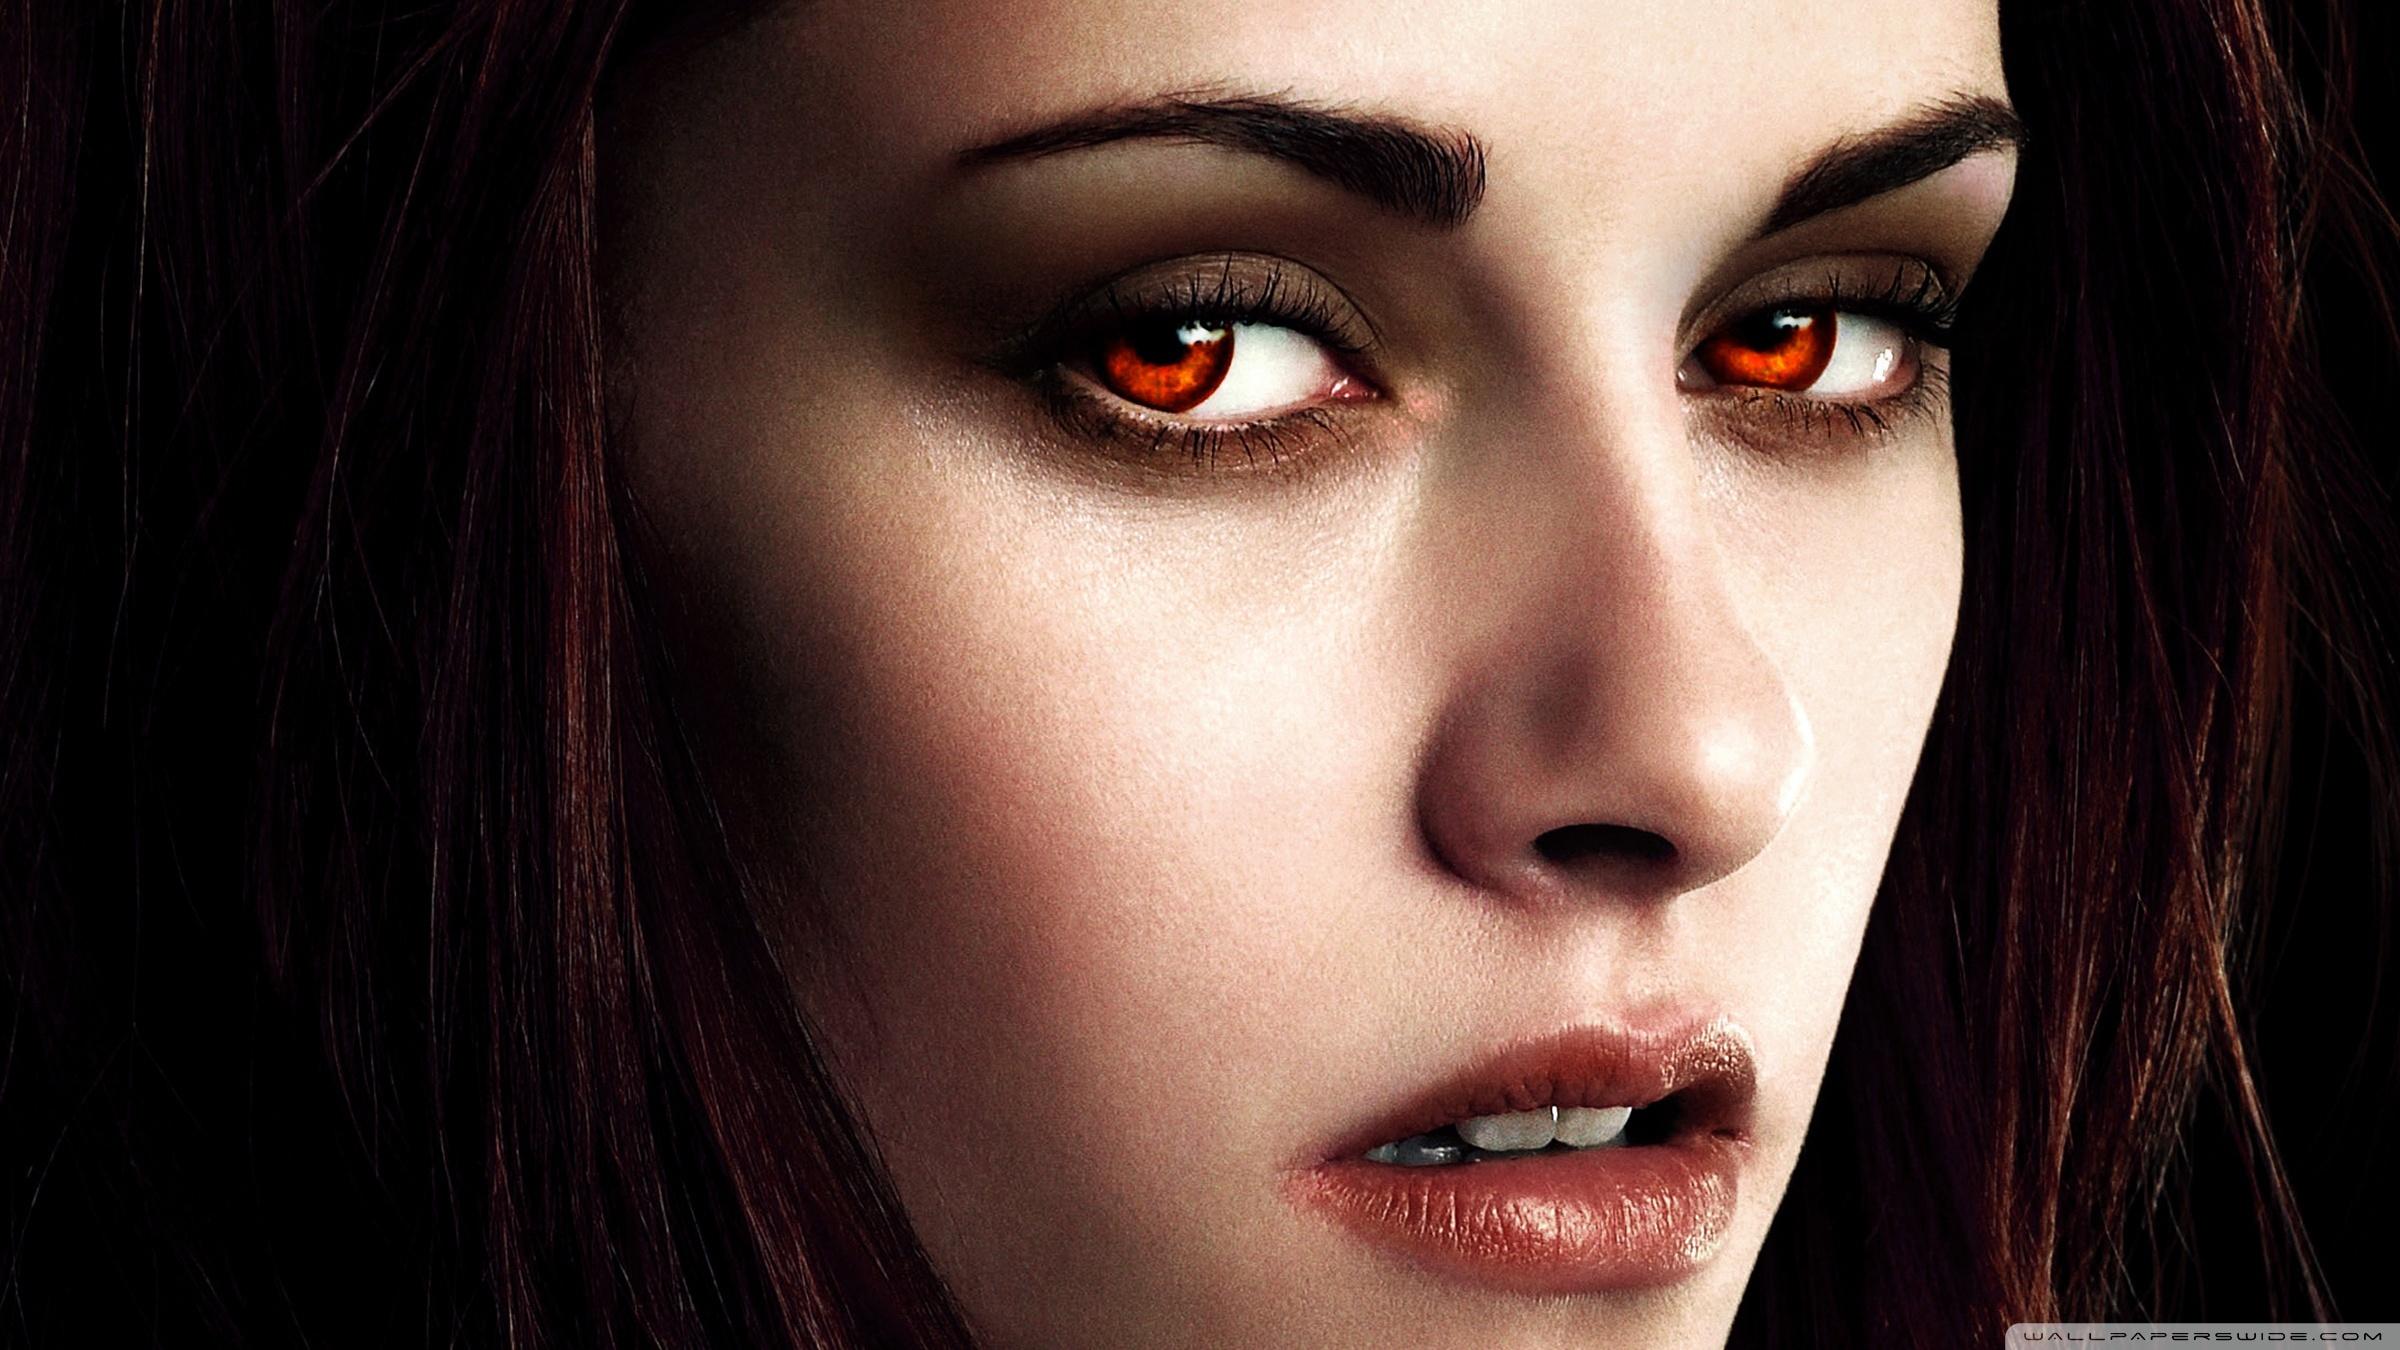 Скачать Обои Девушки С Глазами Вампира